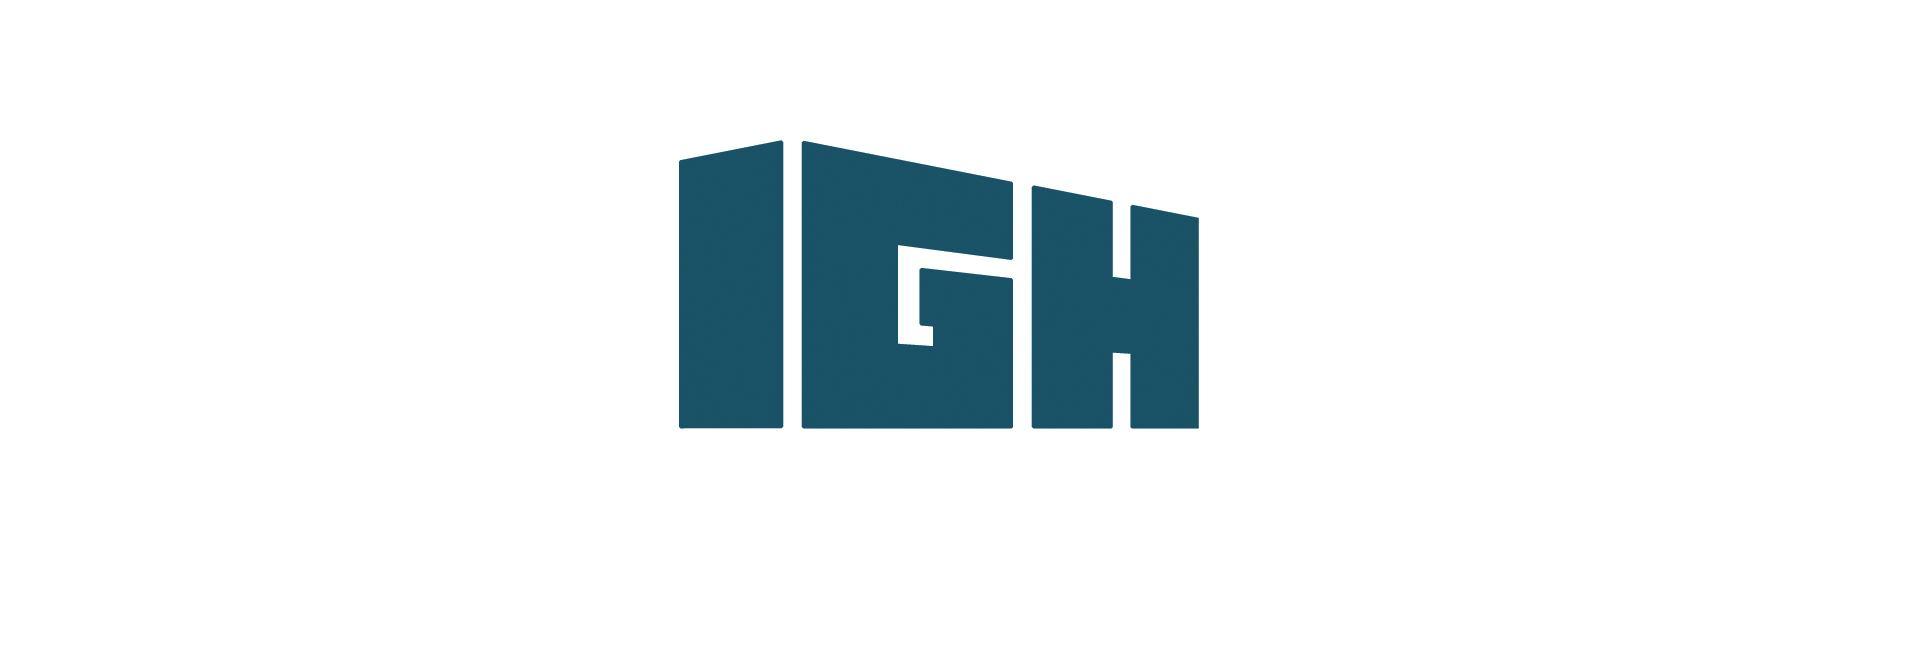 Institut IGH ugovorio denivelaciju križanja cesta u Makarskoj